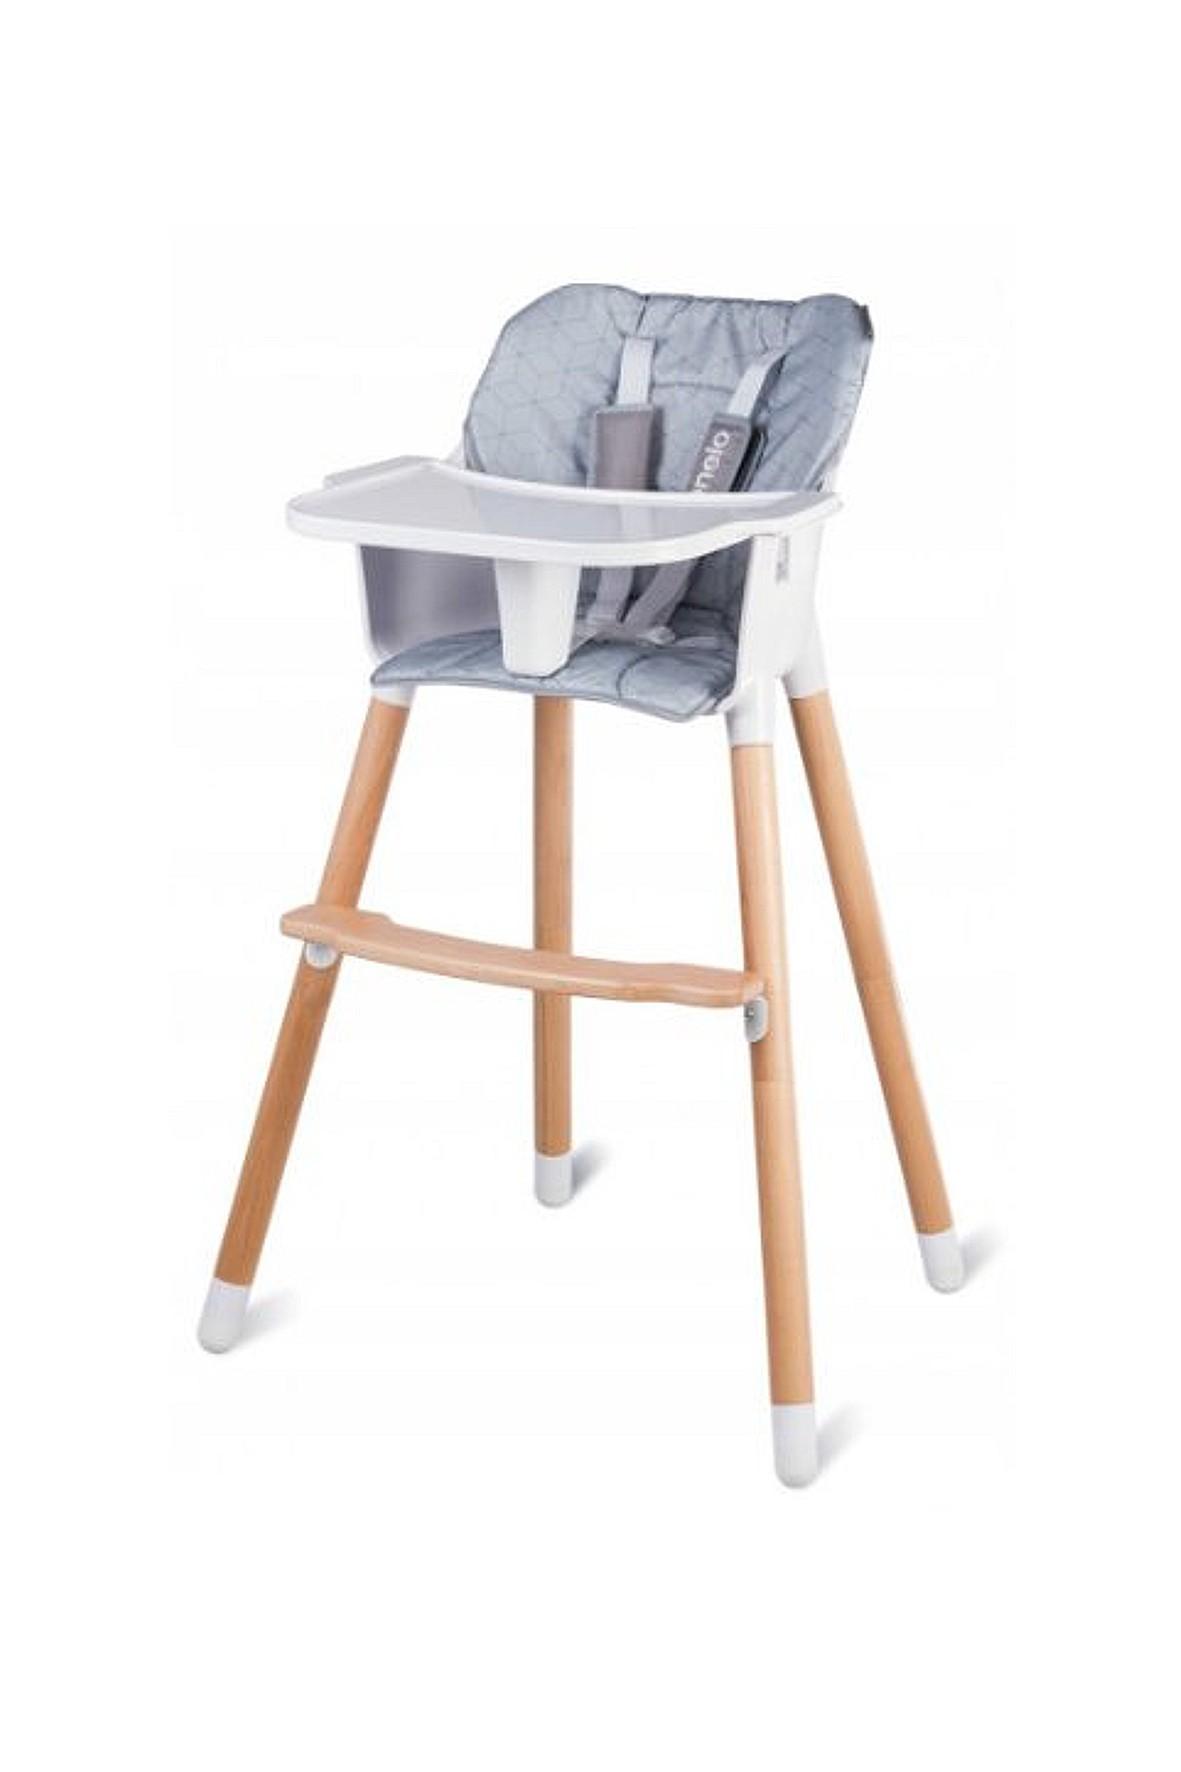 Krzesełko do karmienia niemowląt 5O35OW